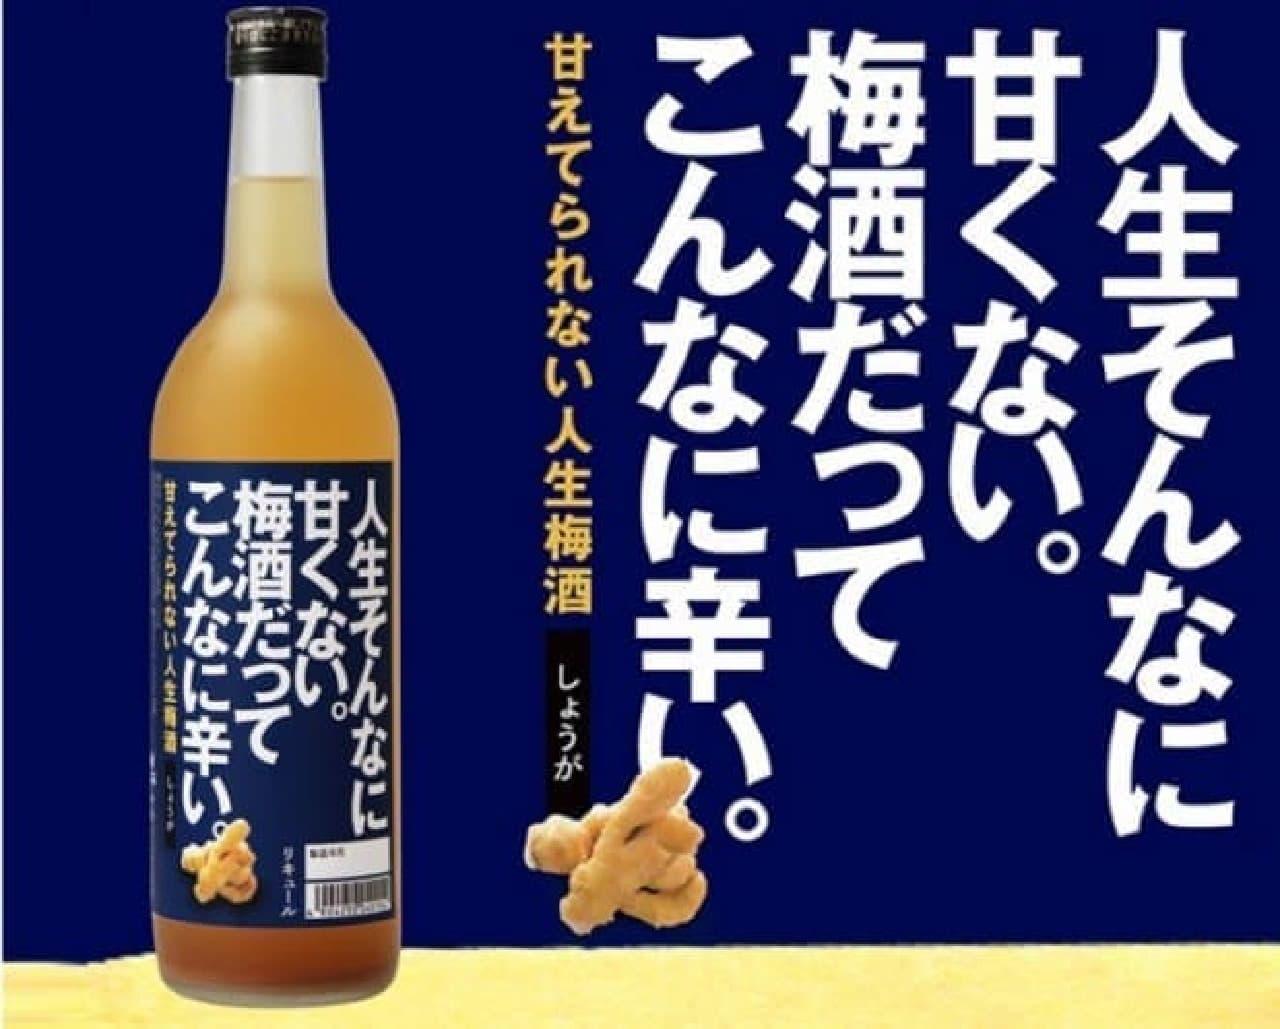 辛口の梅酒「甘えてられない人生梅酒 しょうが」